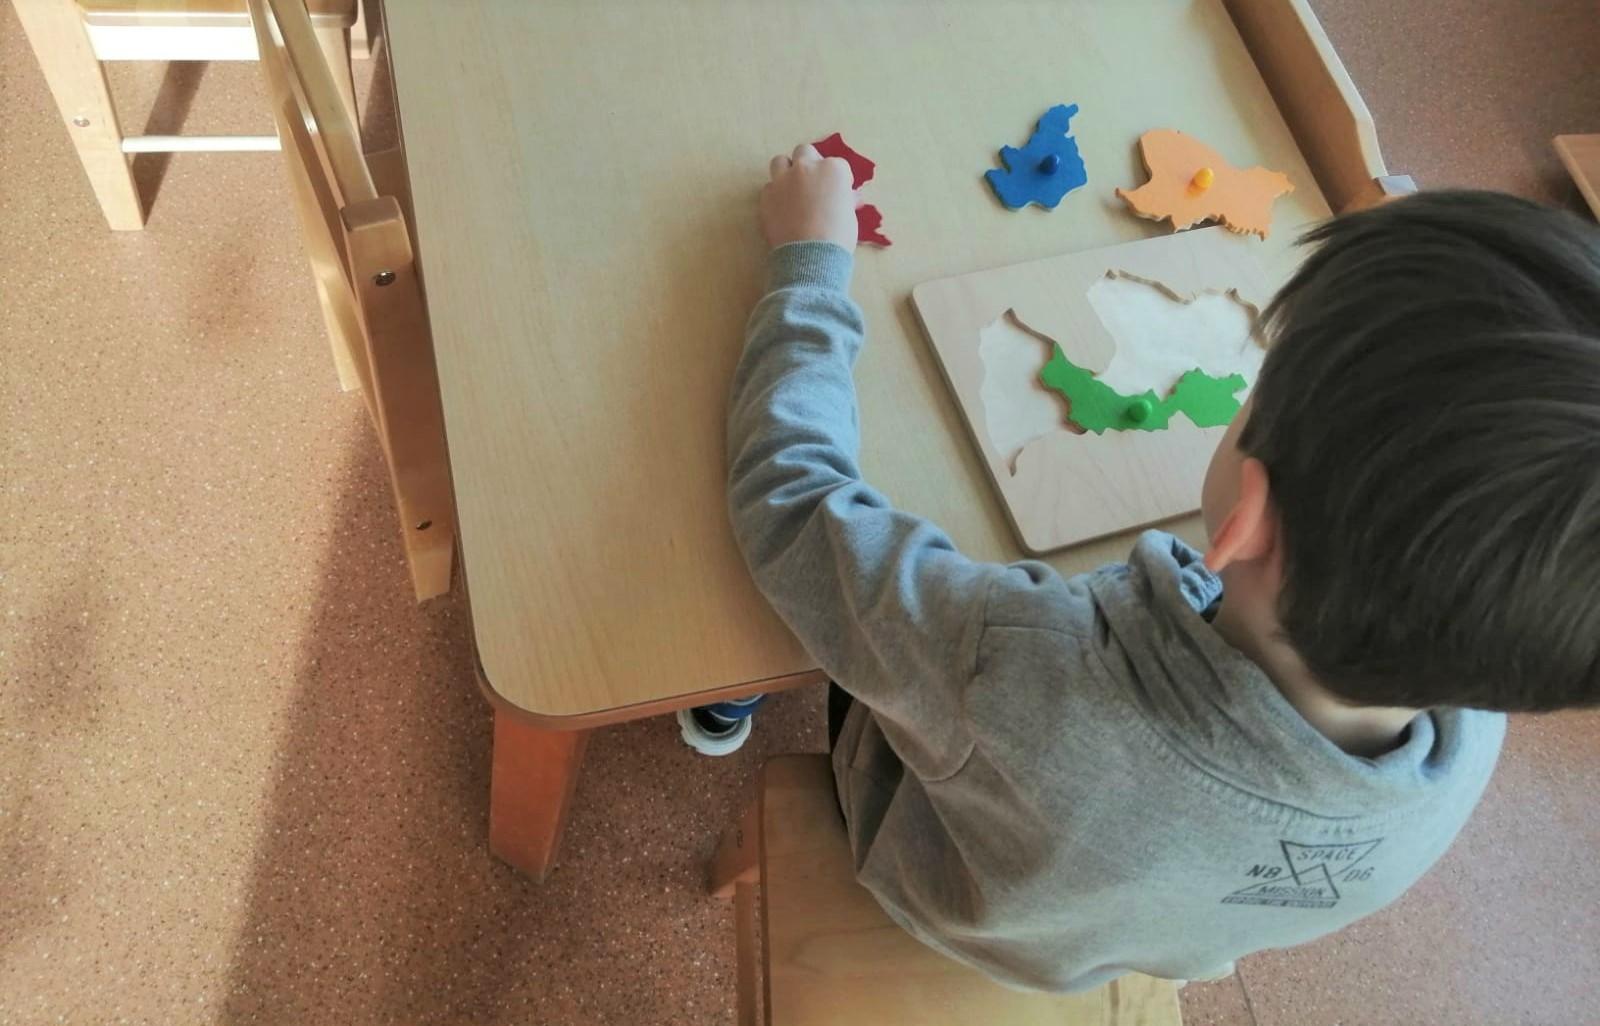 Noteikta kārtība 5-7 gadus veco bērnu izglītošanai Ventspils pilsētā